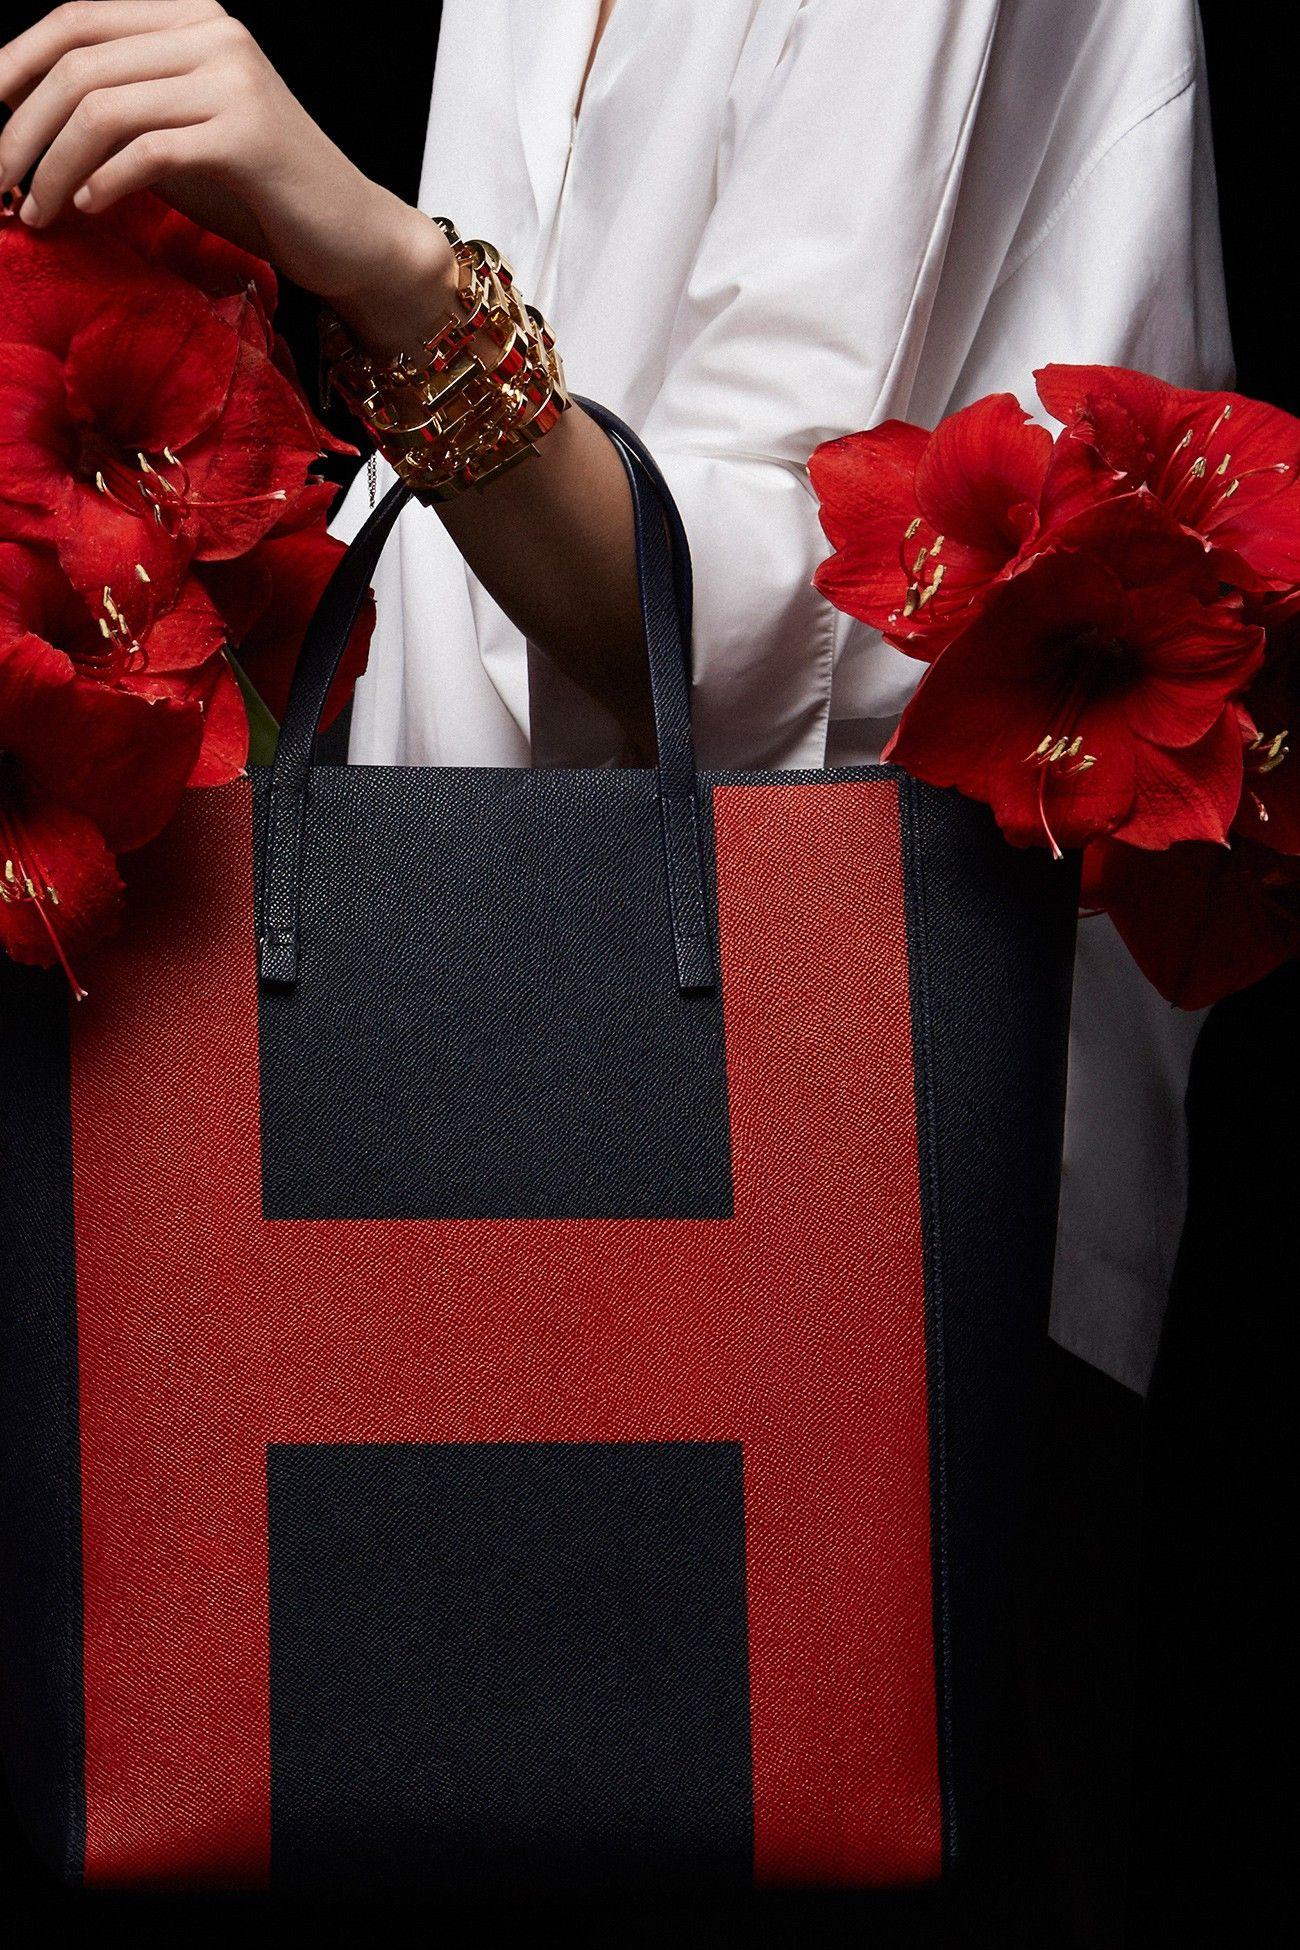 Carolina Herrera Carolina Herrera Carolina Herrera Handbags Beautiful Bags